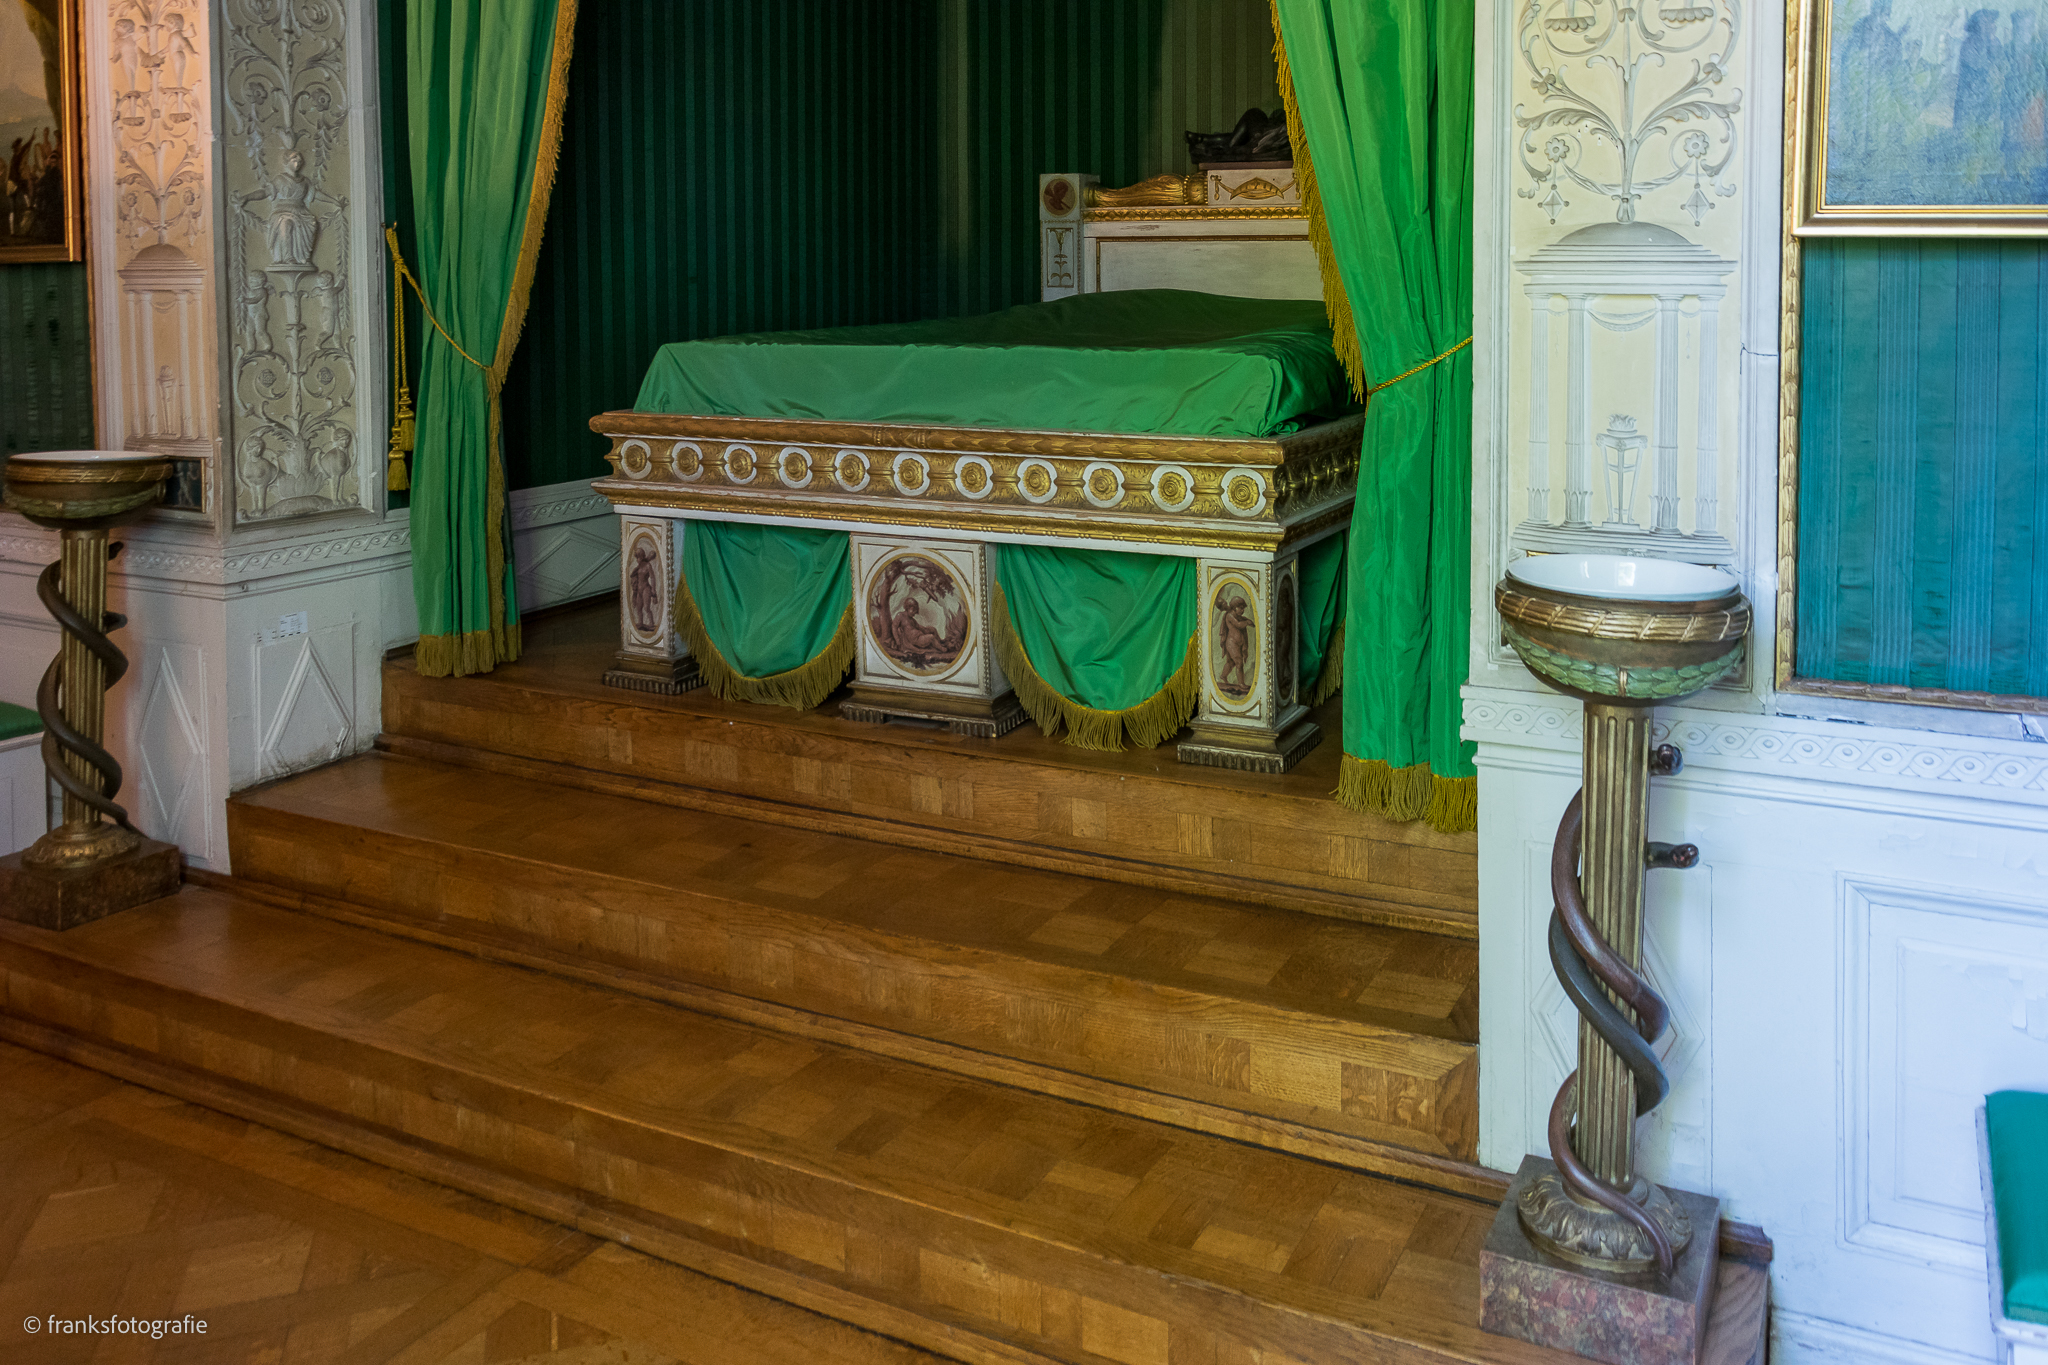 die innenr ume von schloss w rlitz die schlossetage mit den repr sentationsr umen. Black Bedroom Furniture Sets. Home Design Ideas